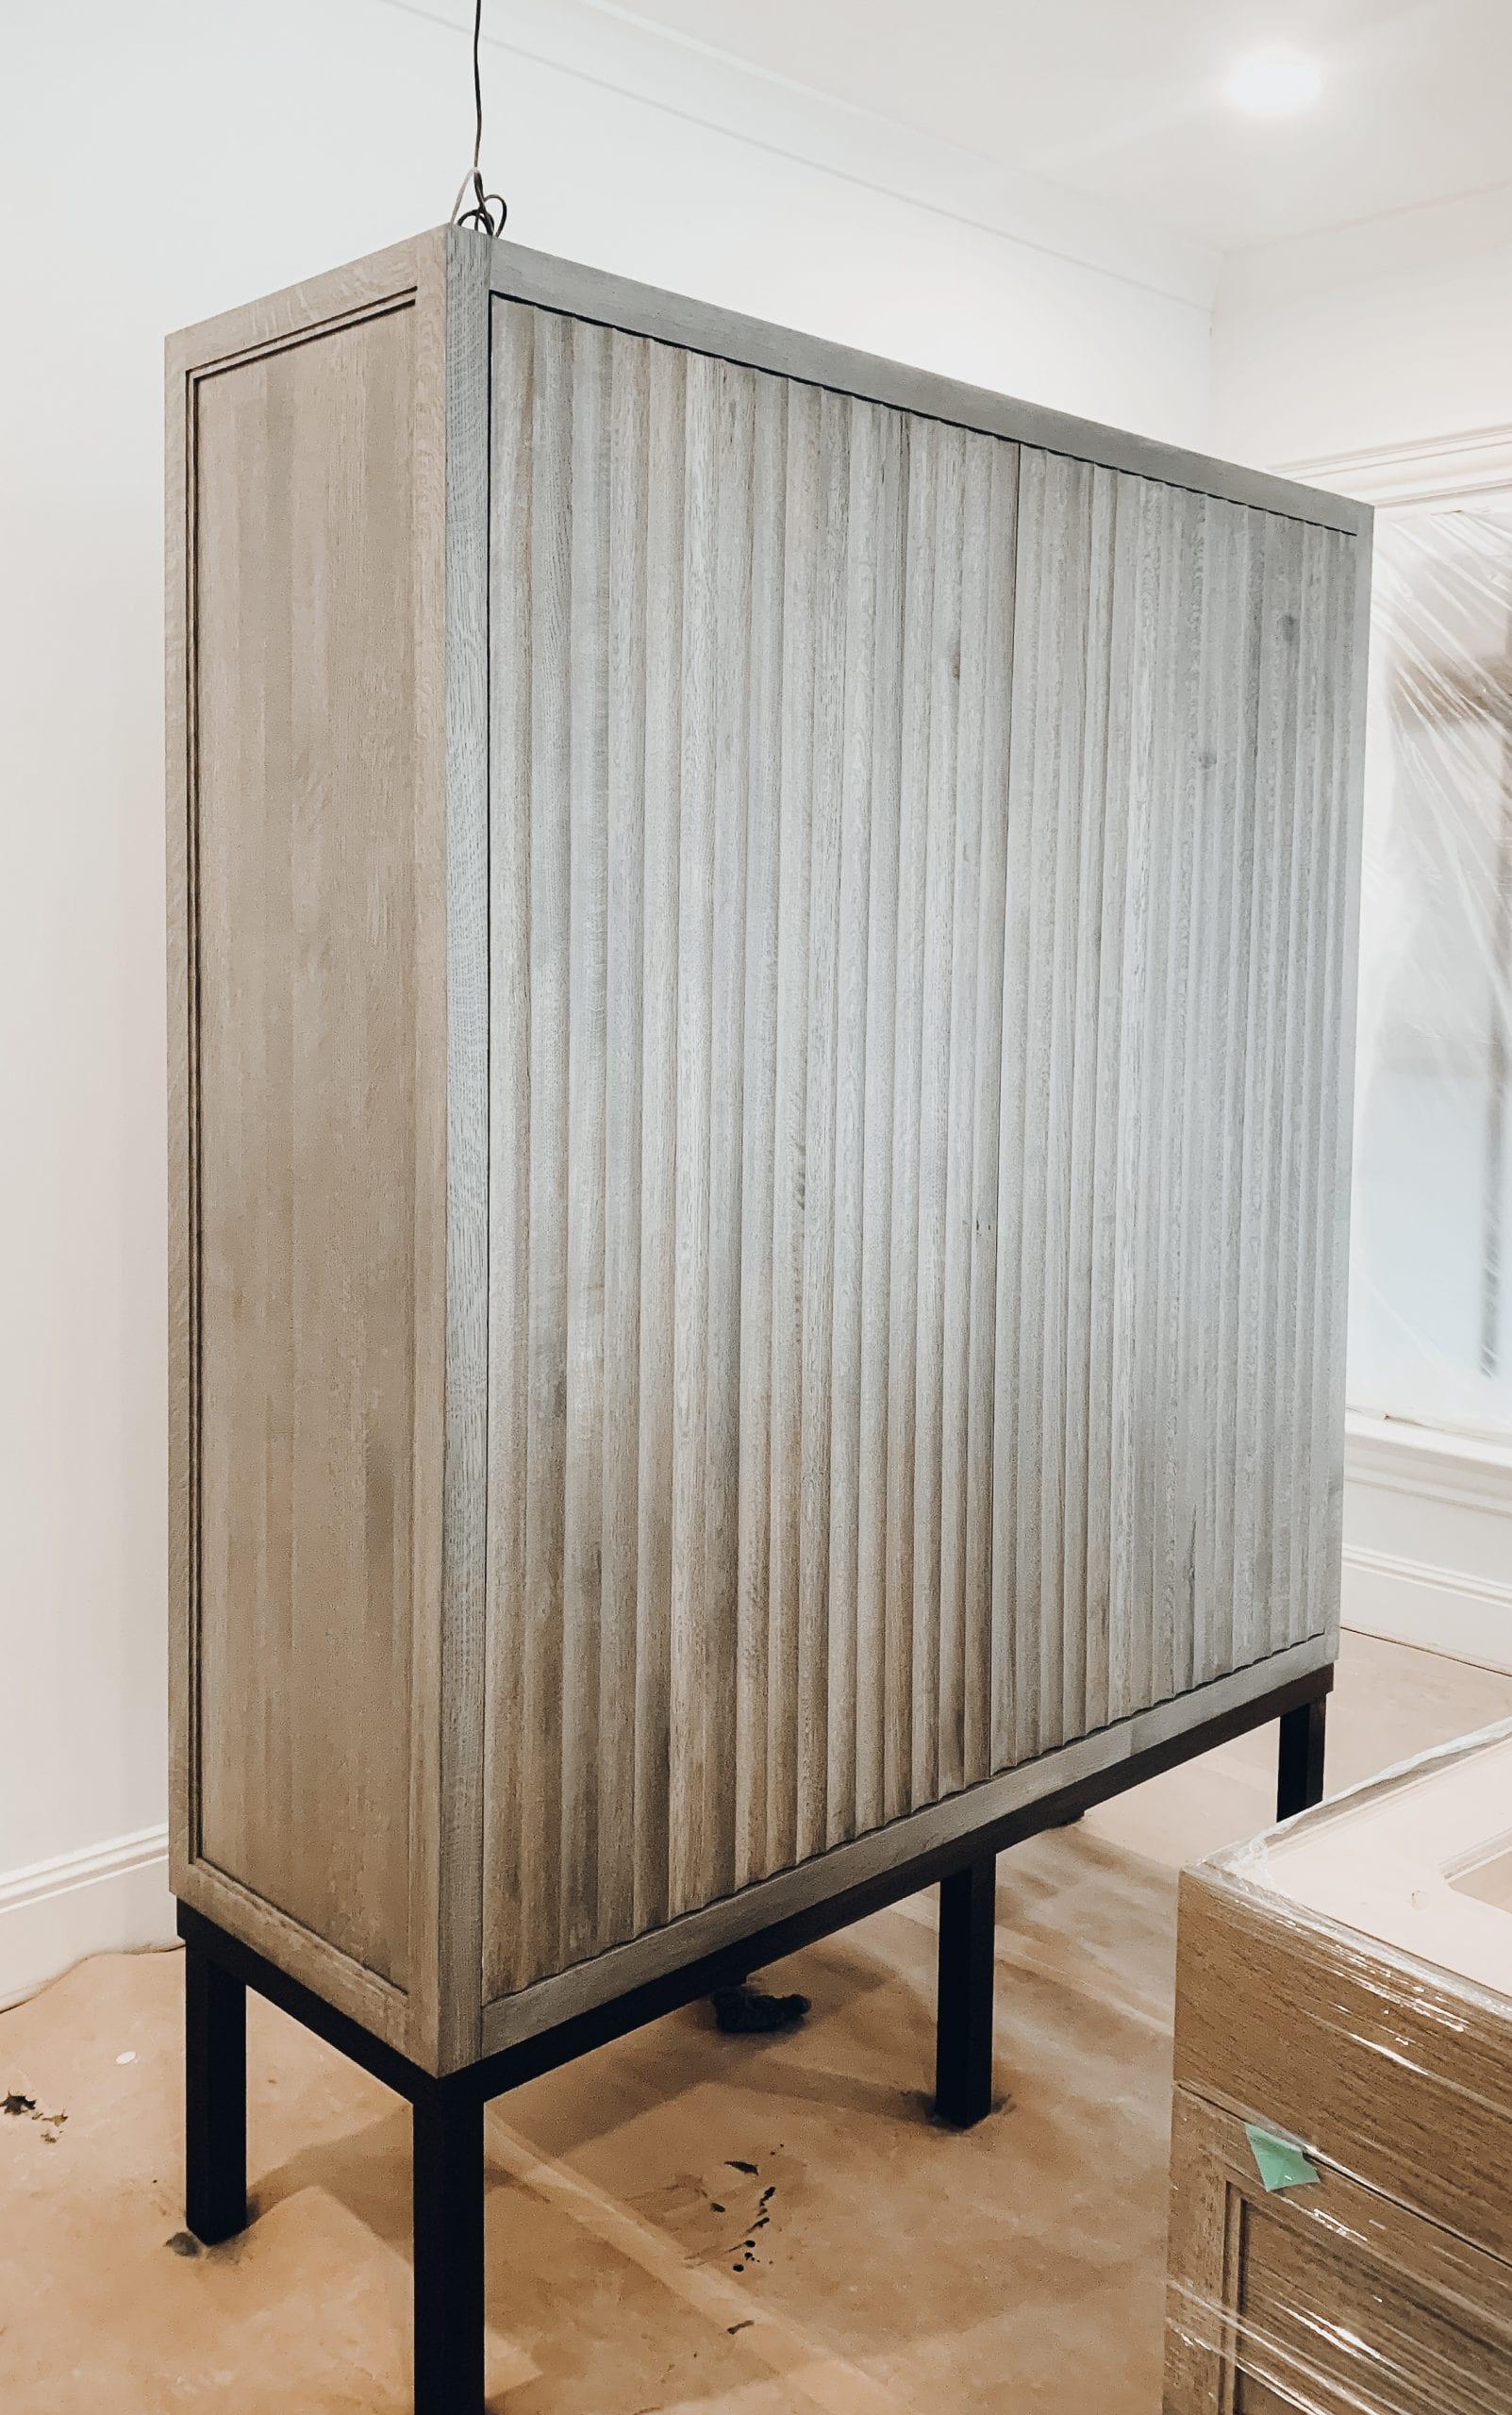 Grayed Oak Storage Cabinet with Black Steel Legs